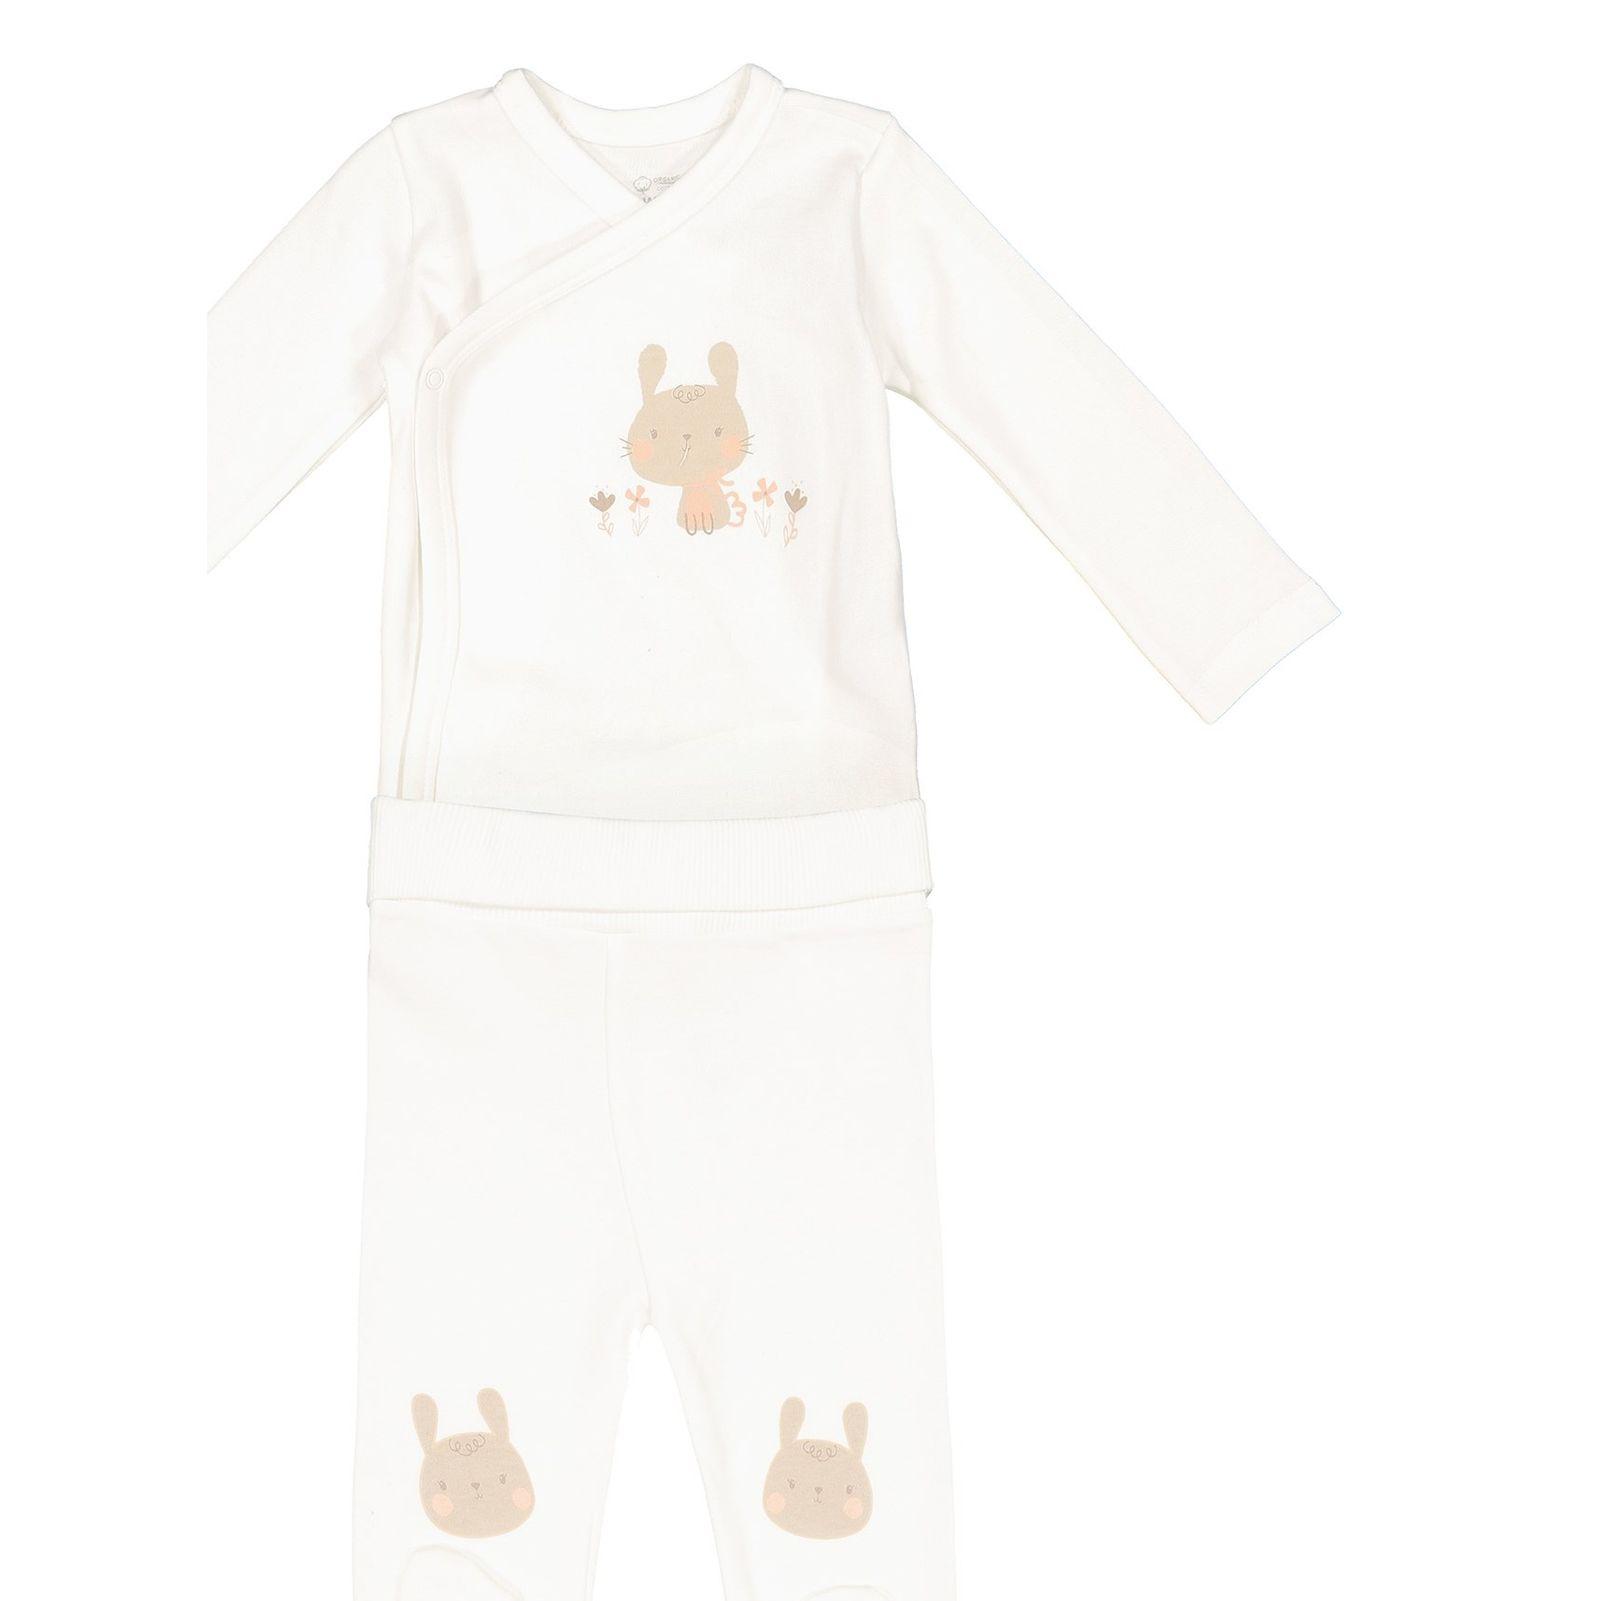 تی شرت و شلوار نخی نوزادی دخترانه - ال سی وایکیکی - کرم    - 1